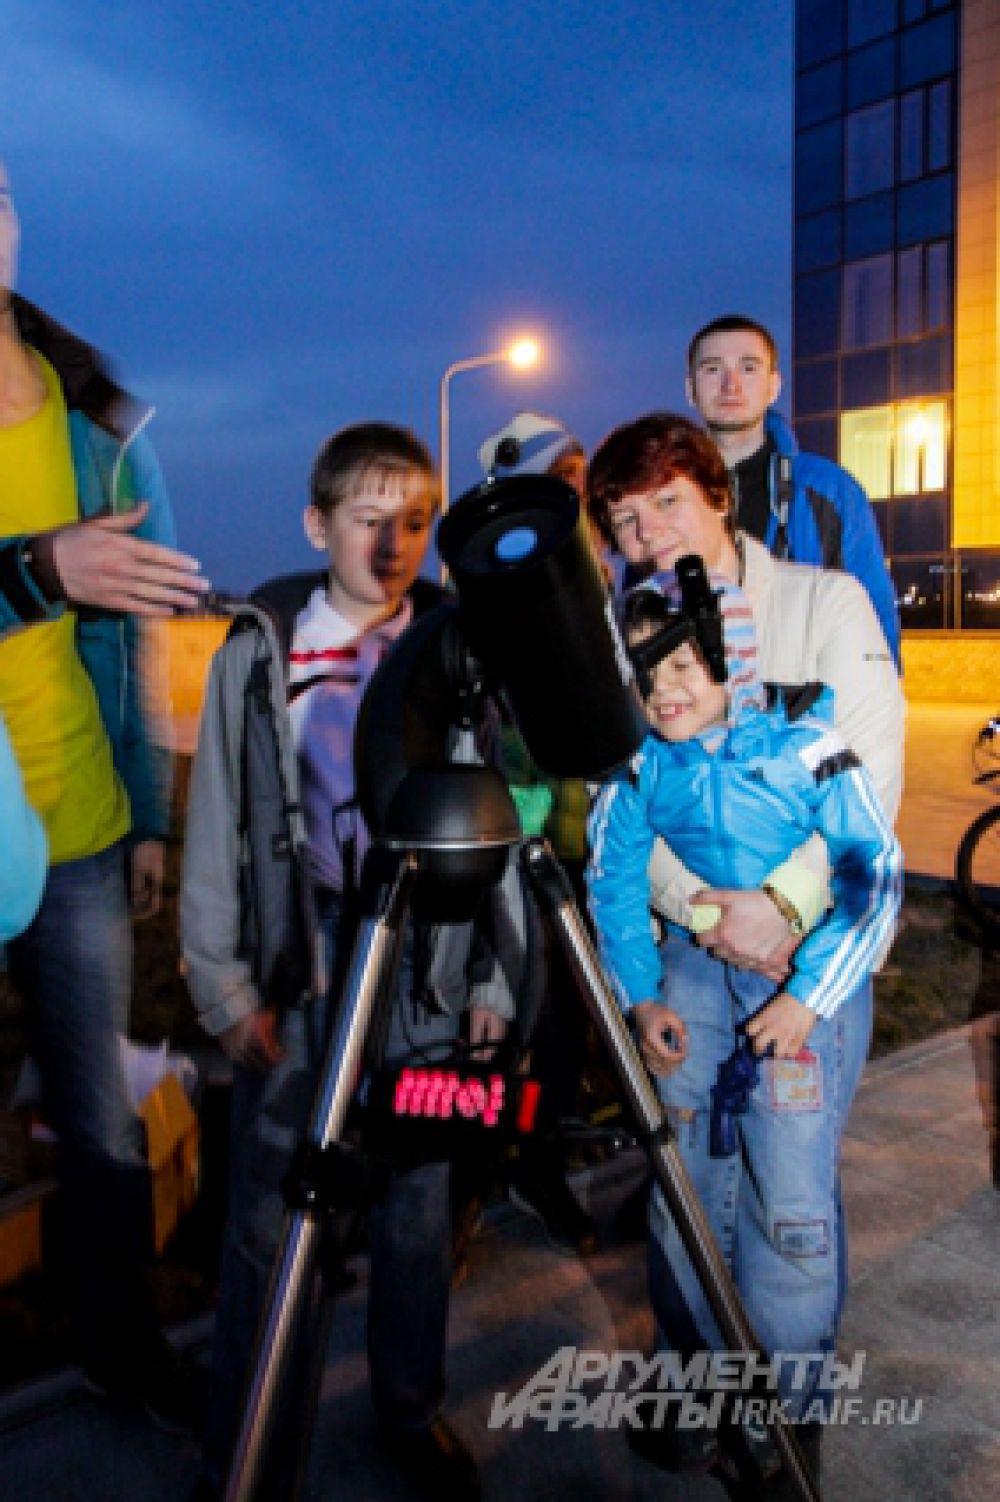 Тогда на небо через телескопы посмотрели 12 тысяч иркутян.